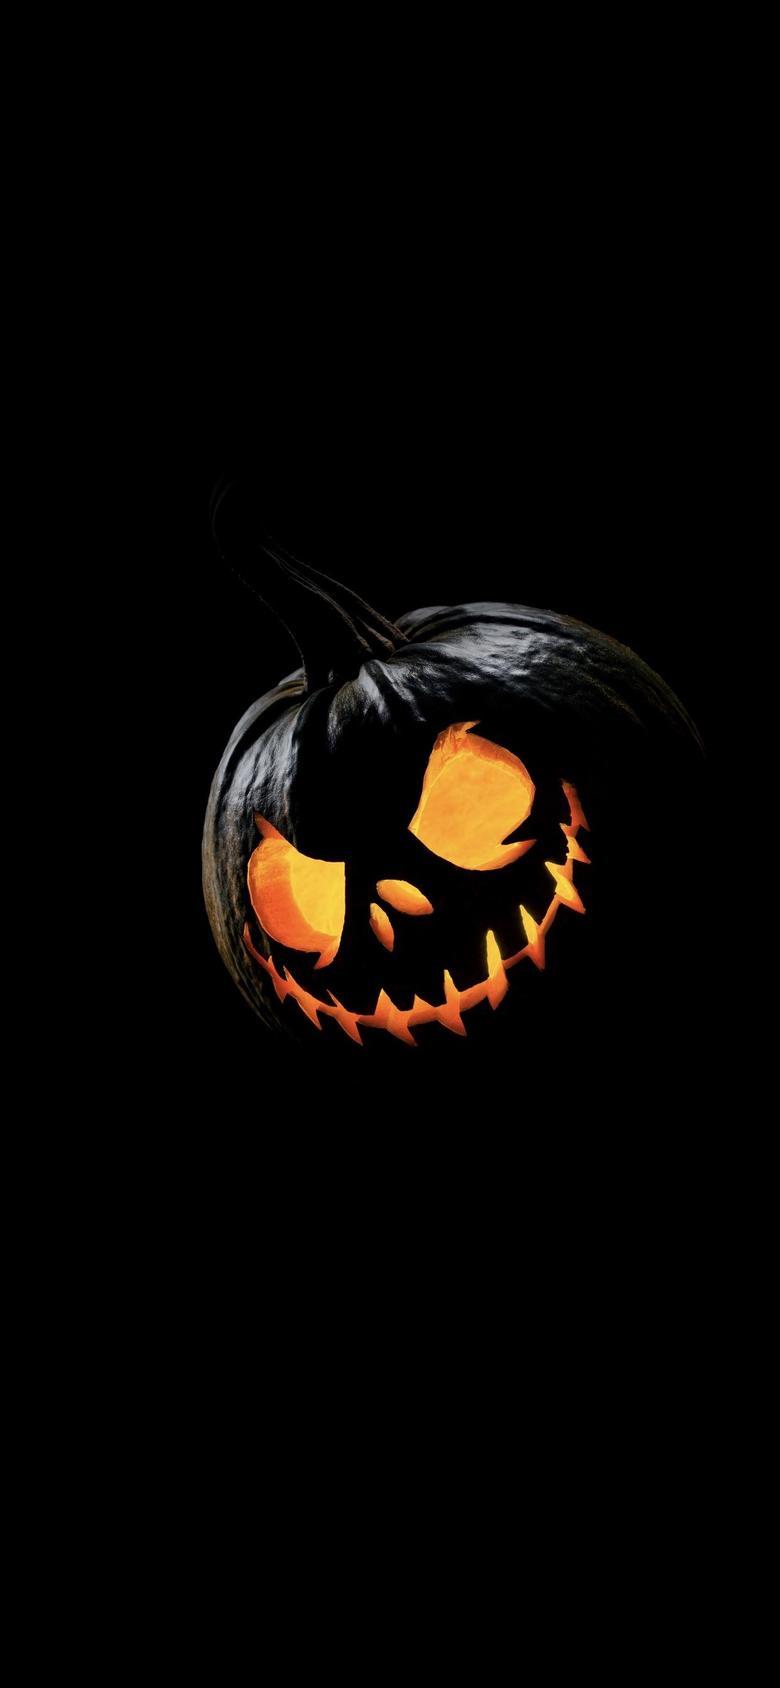 Happy Halloween Wallpapers iWallpapers